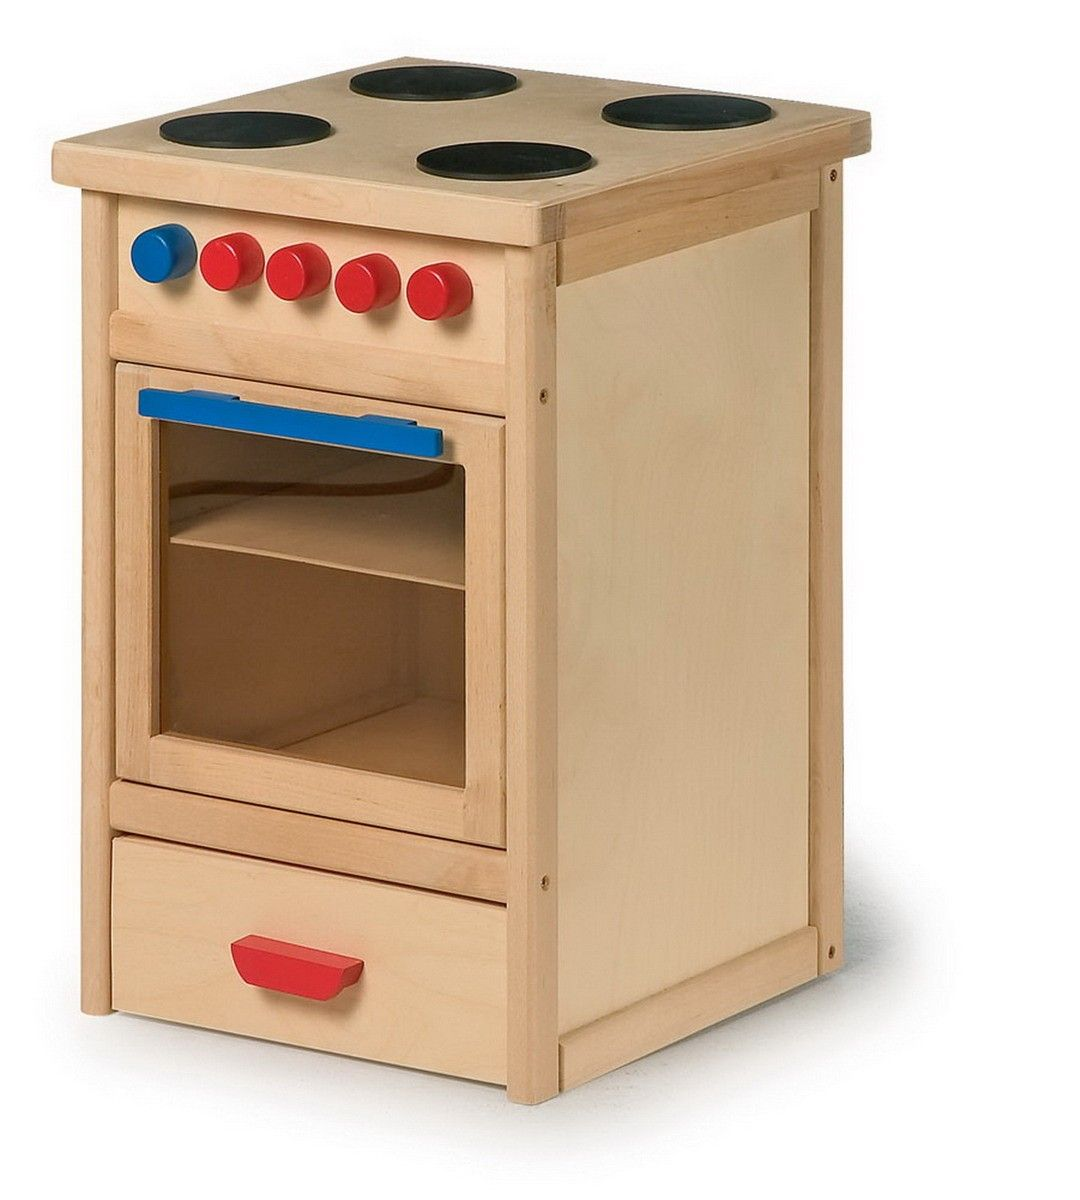 Cocinita Y Horno De Madera Cocinas De Juguete Juegos De